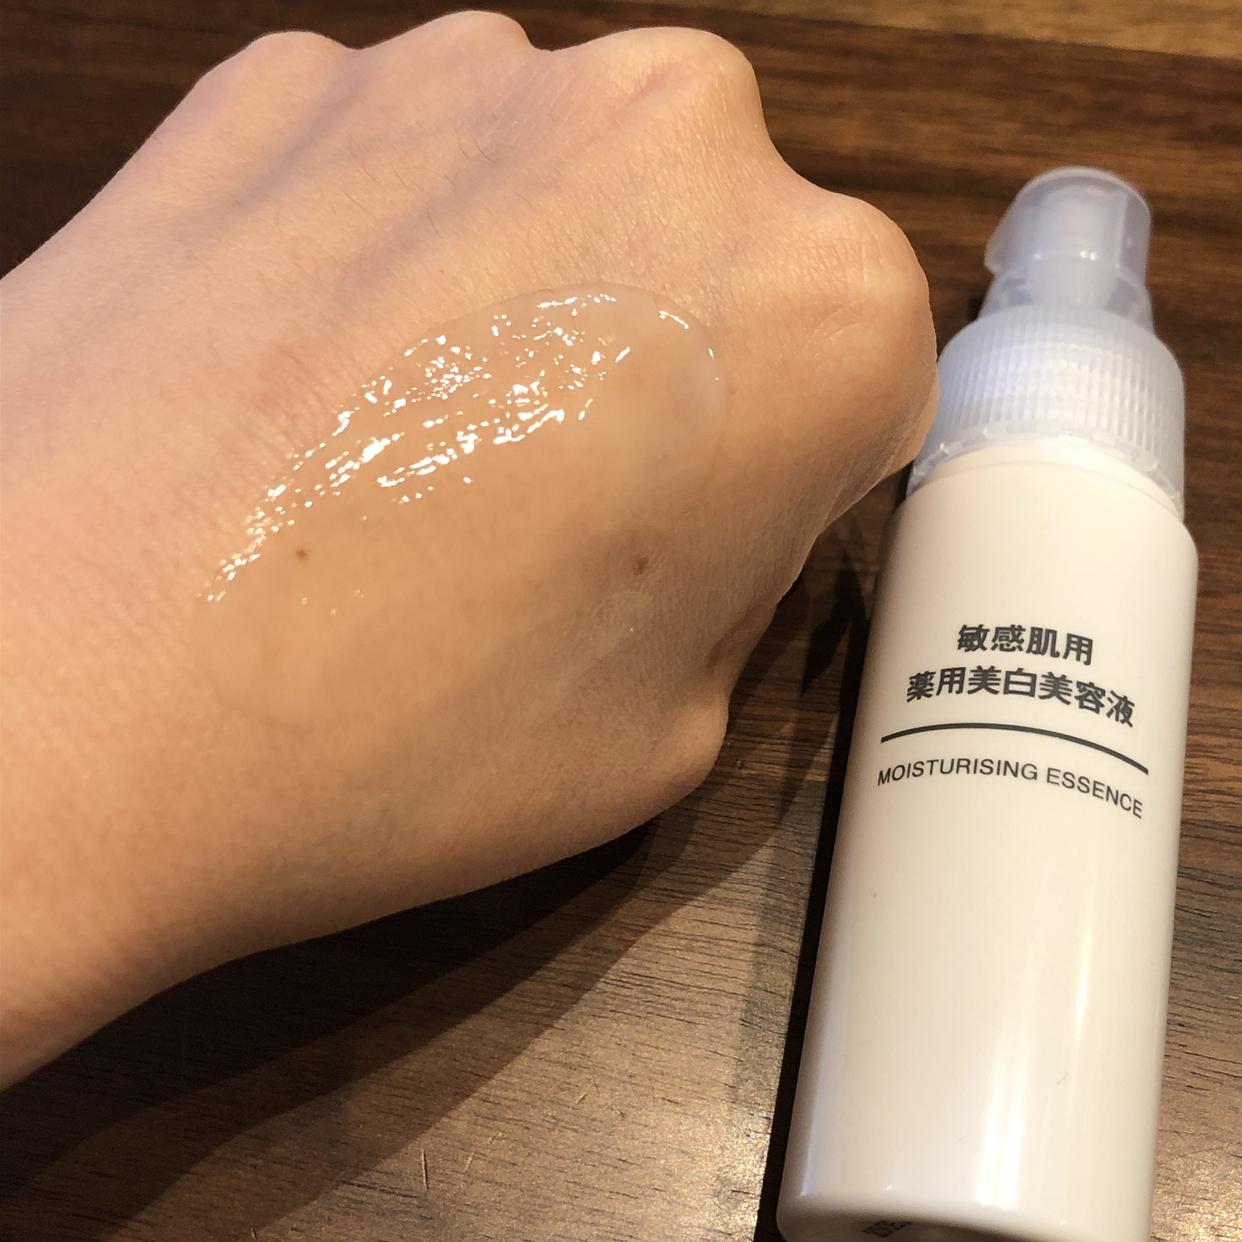 無印良品(MUJI) 敏感肌用 薬用美白美容液を使ったさちさんのクチコミ画像3